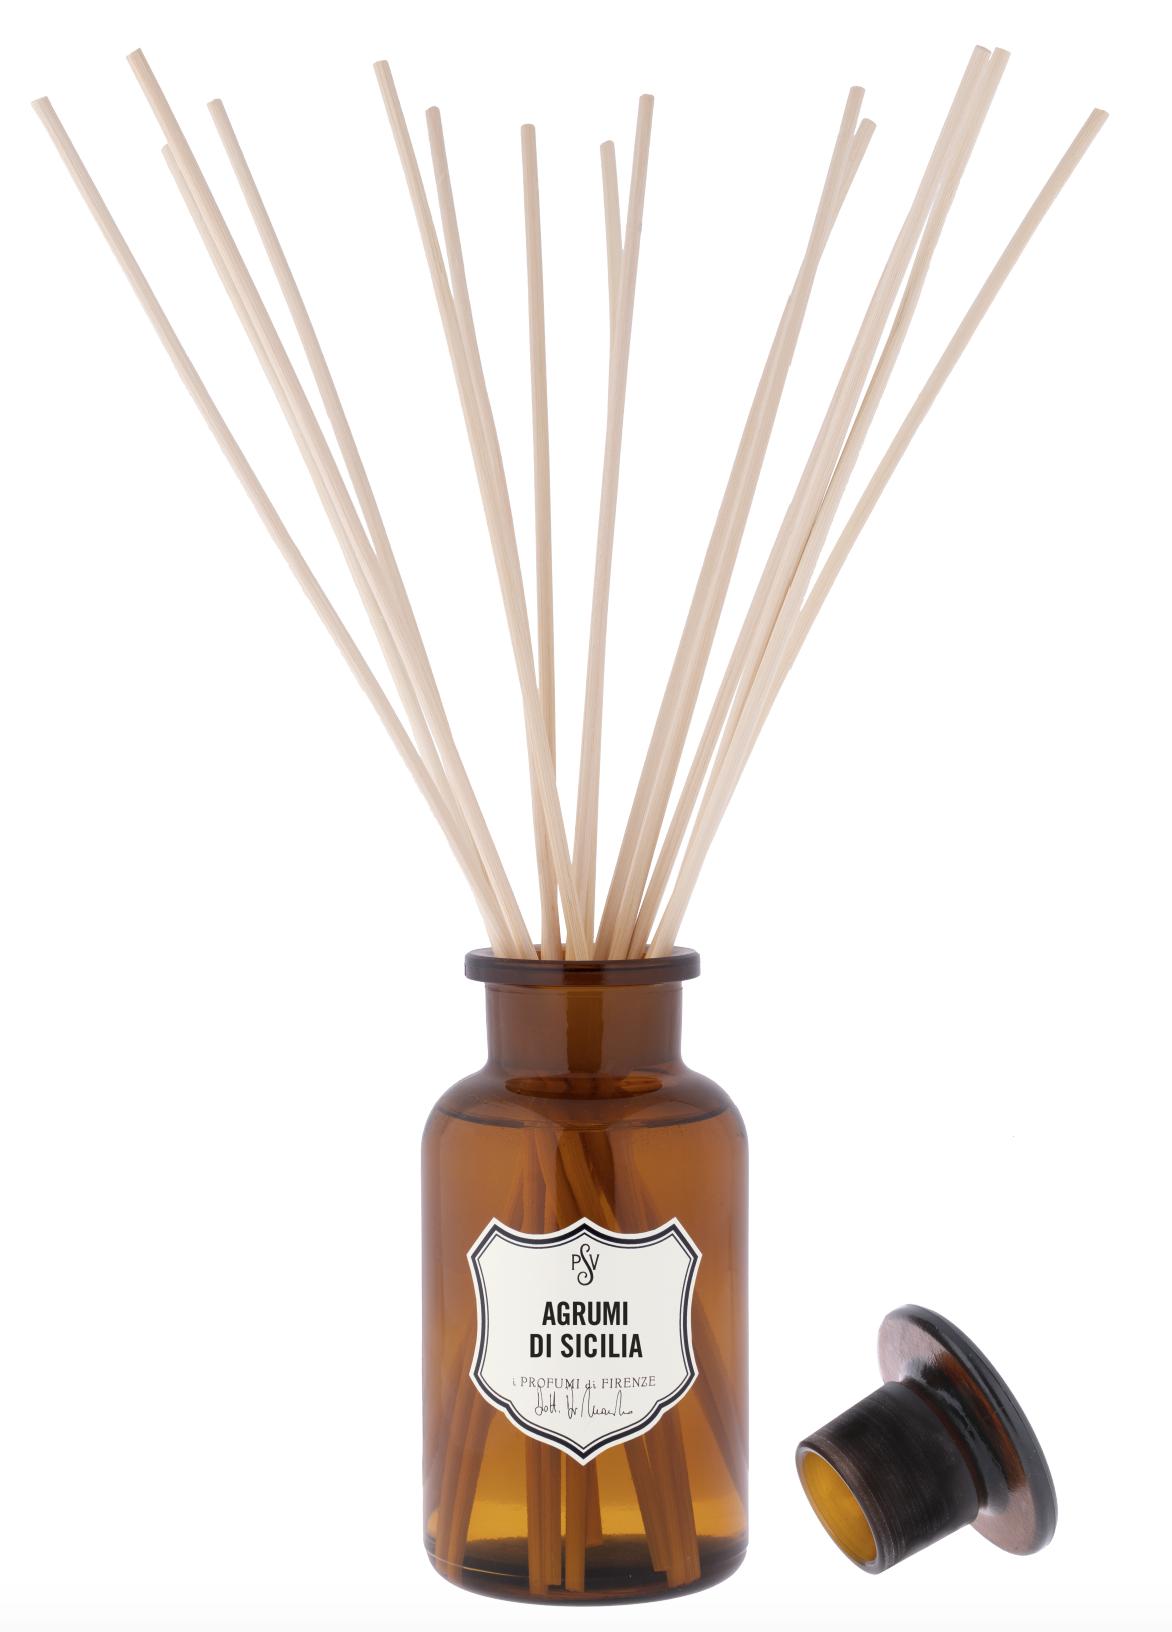 AGRUMI DI SICILIA - Home Fragrance-0